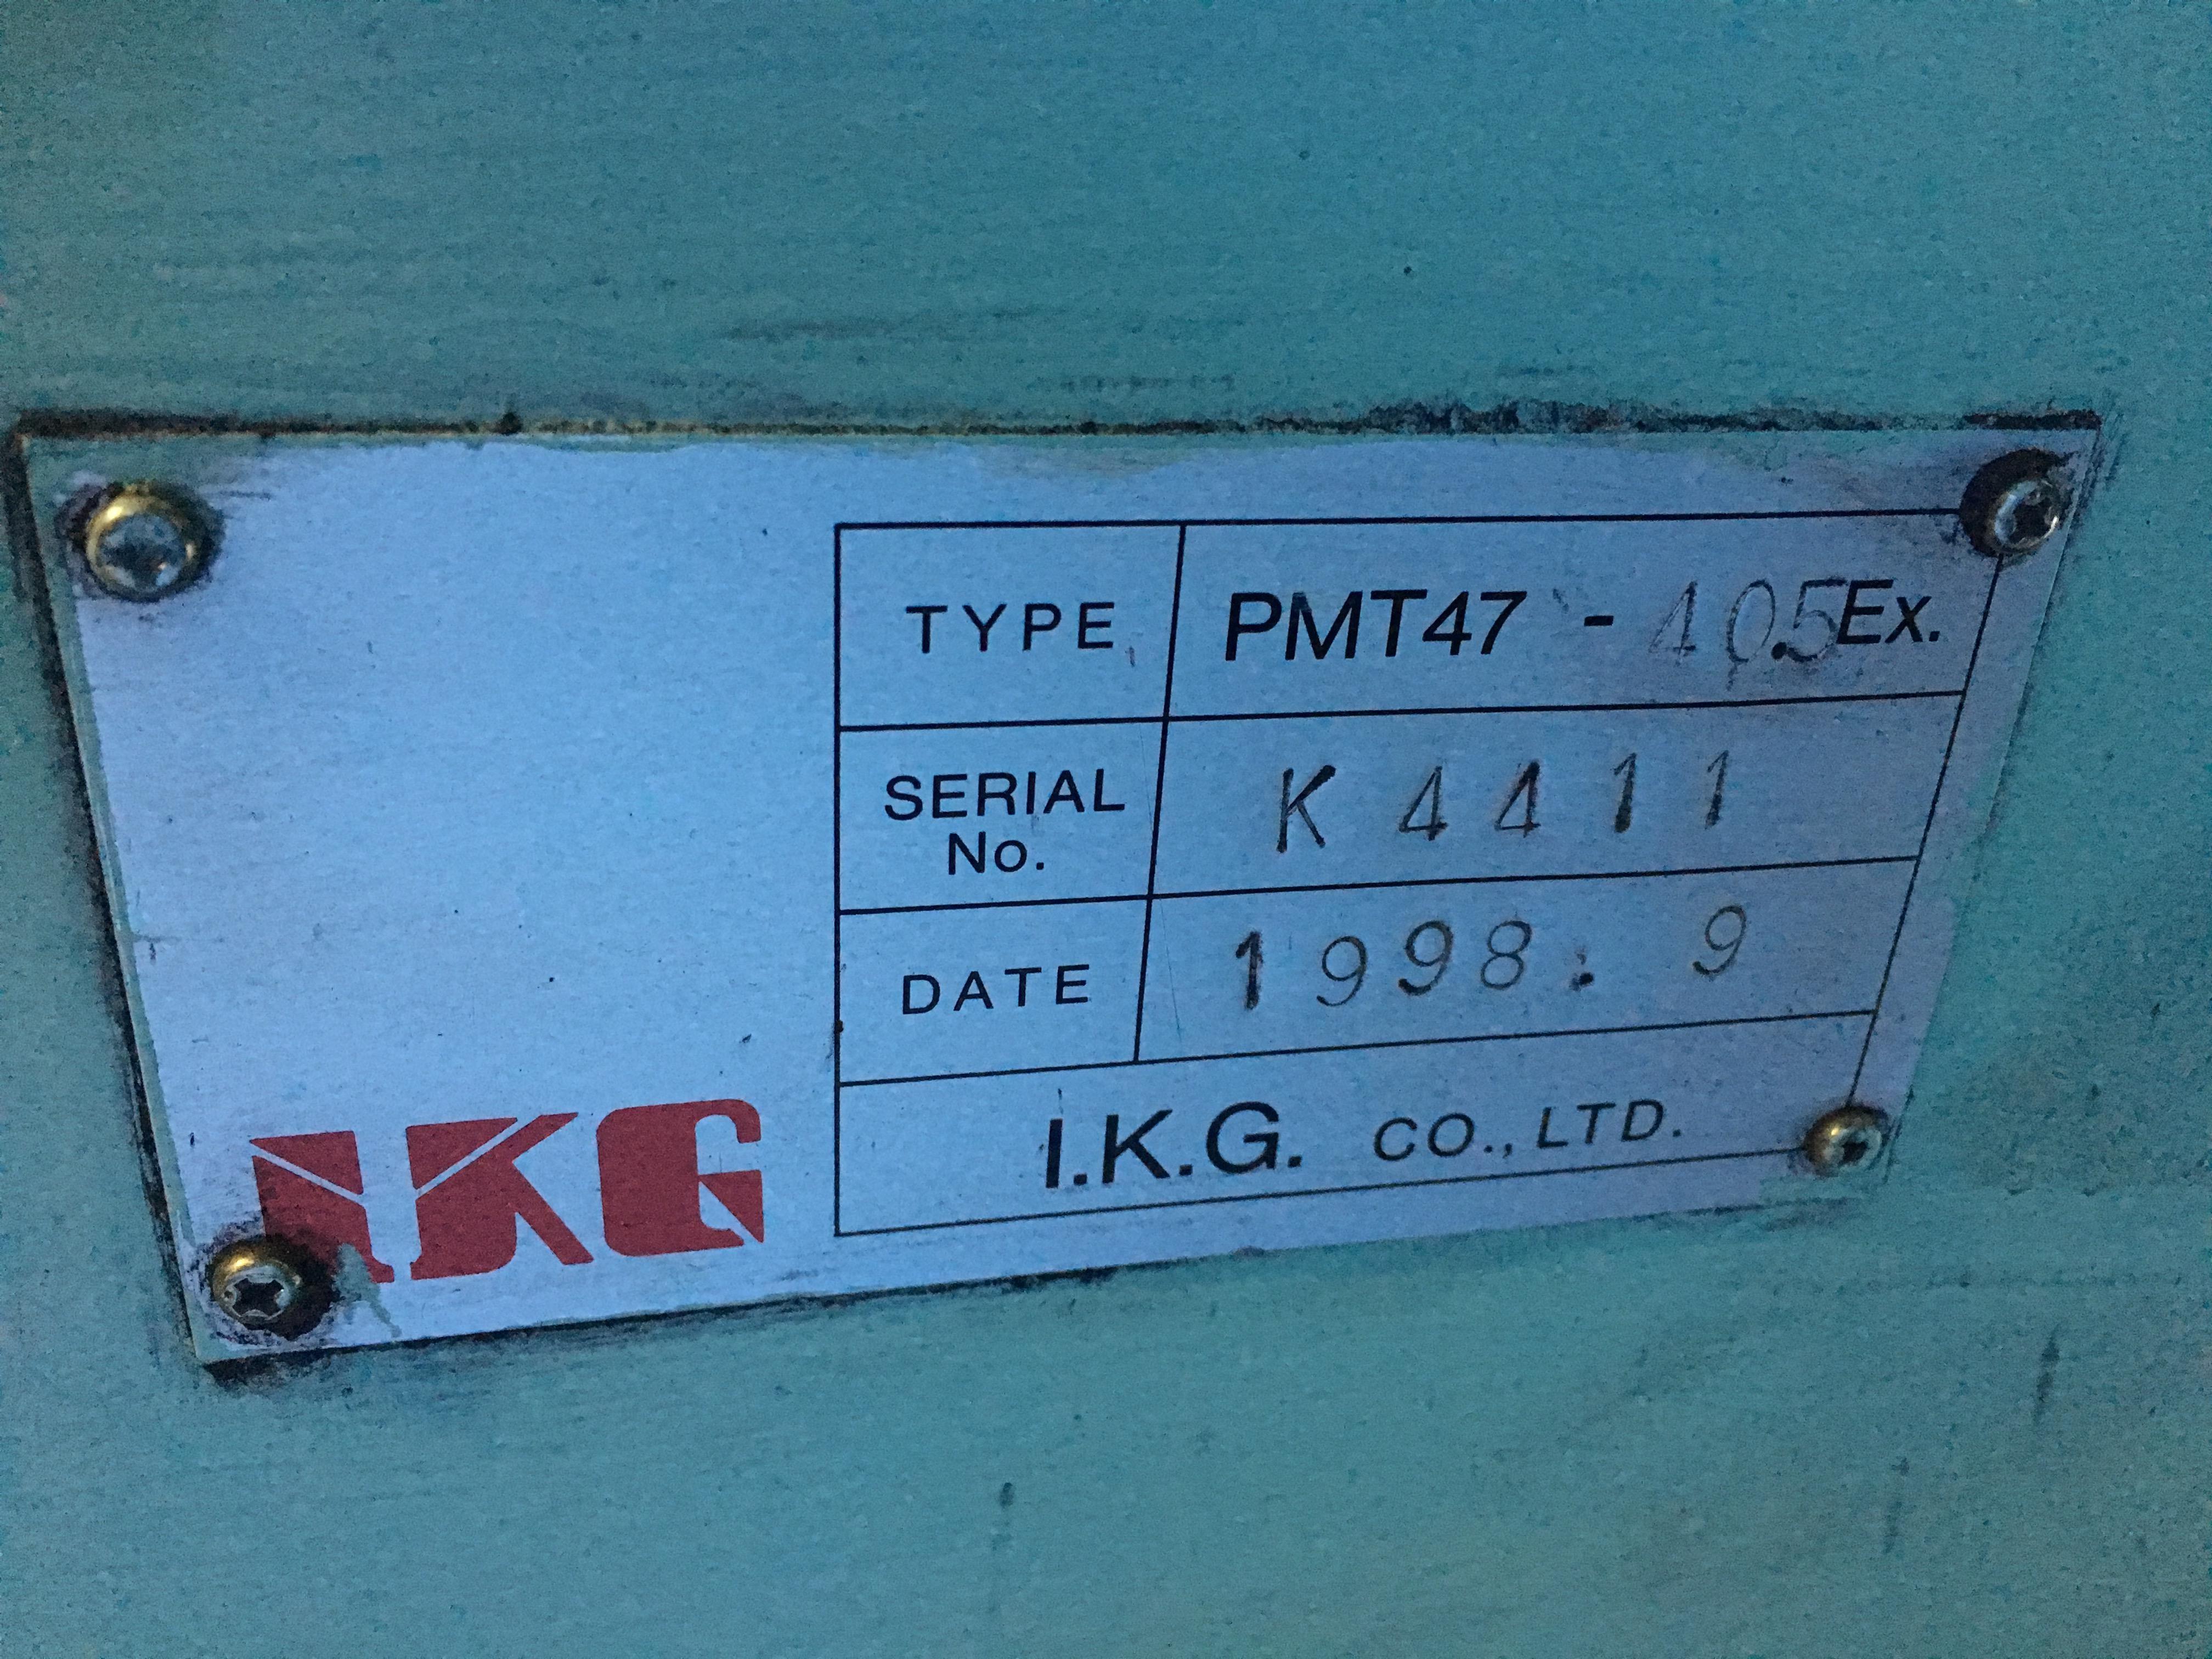 【2904011】異形押出機PMT-47-405EX 1998年 (4)